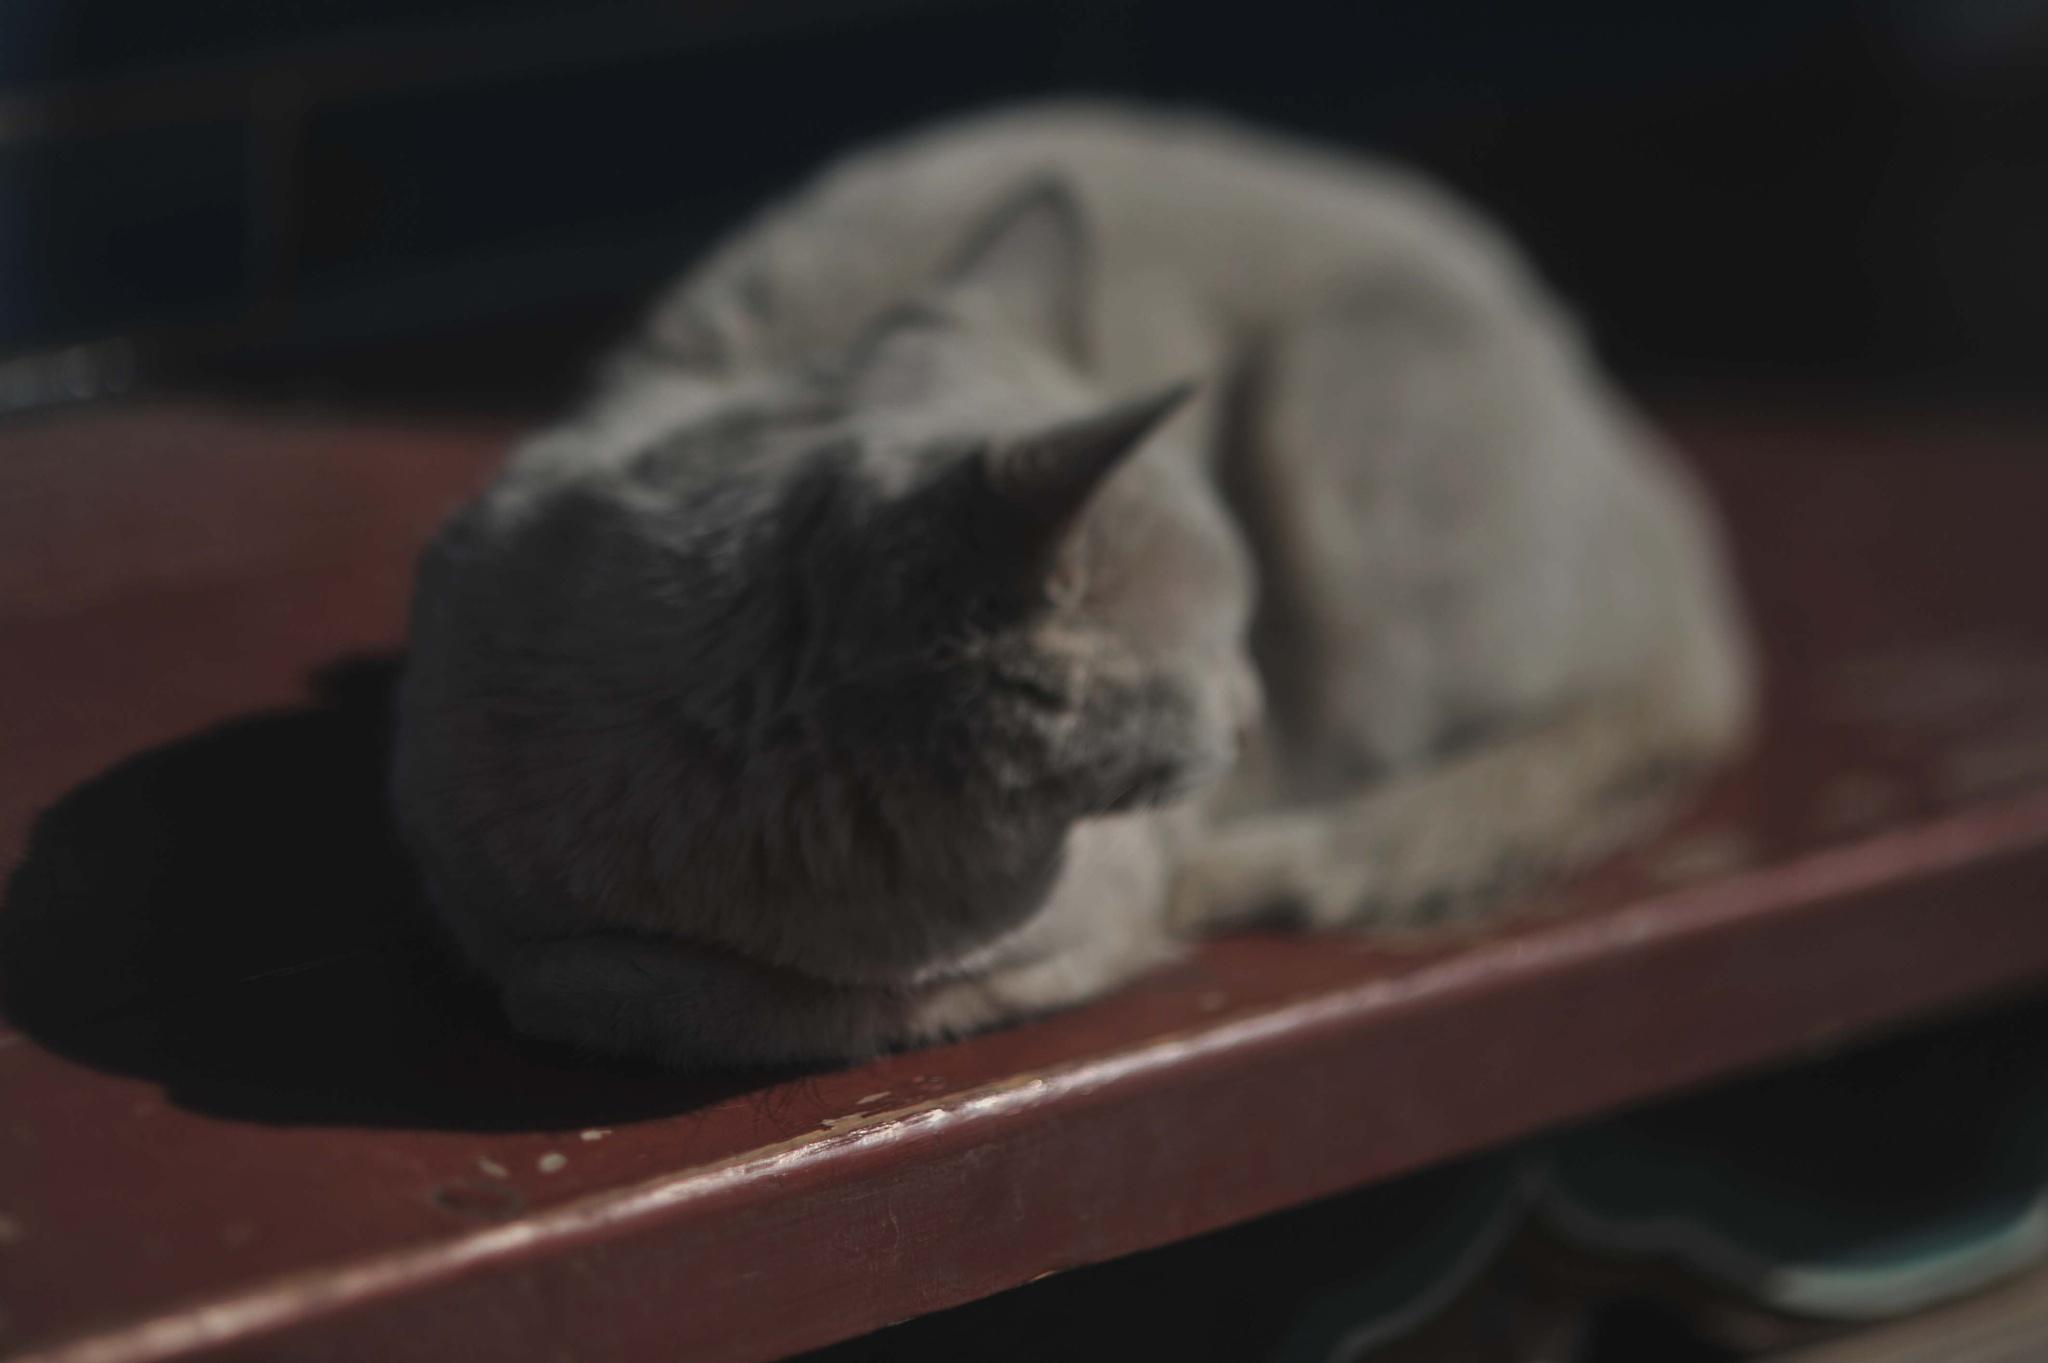 ...在 中國內蒙古自治區呼和浩特市 大召寺 的 猫... by cyccanhk